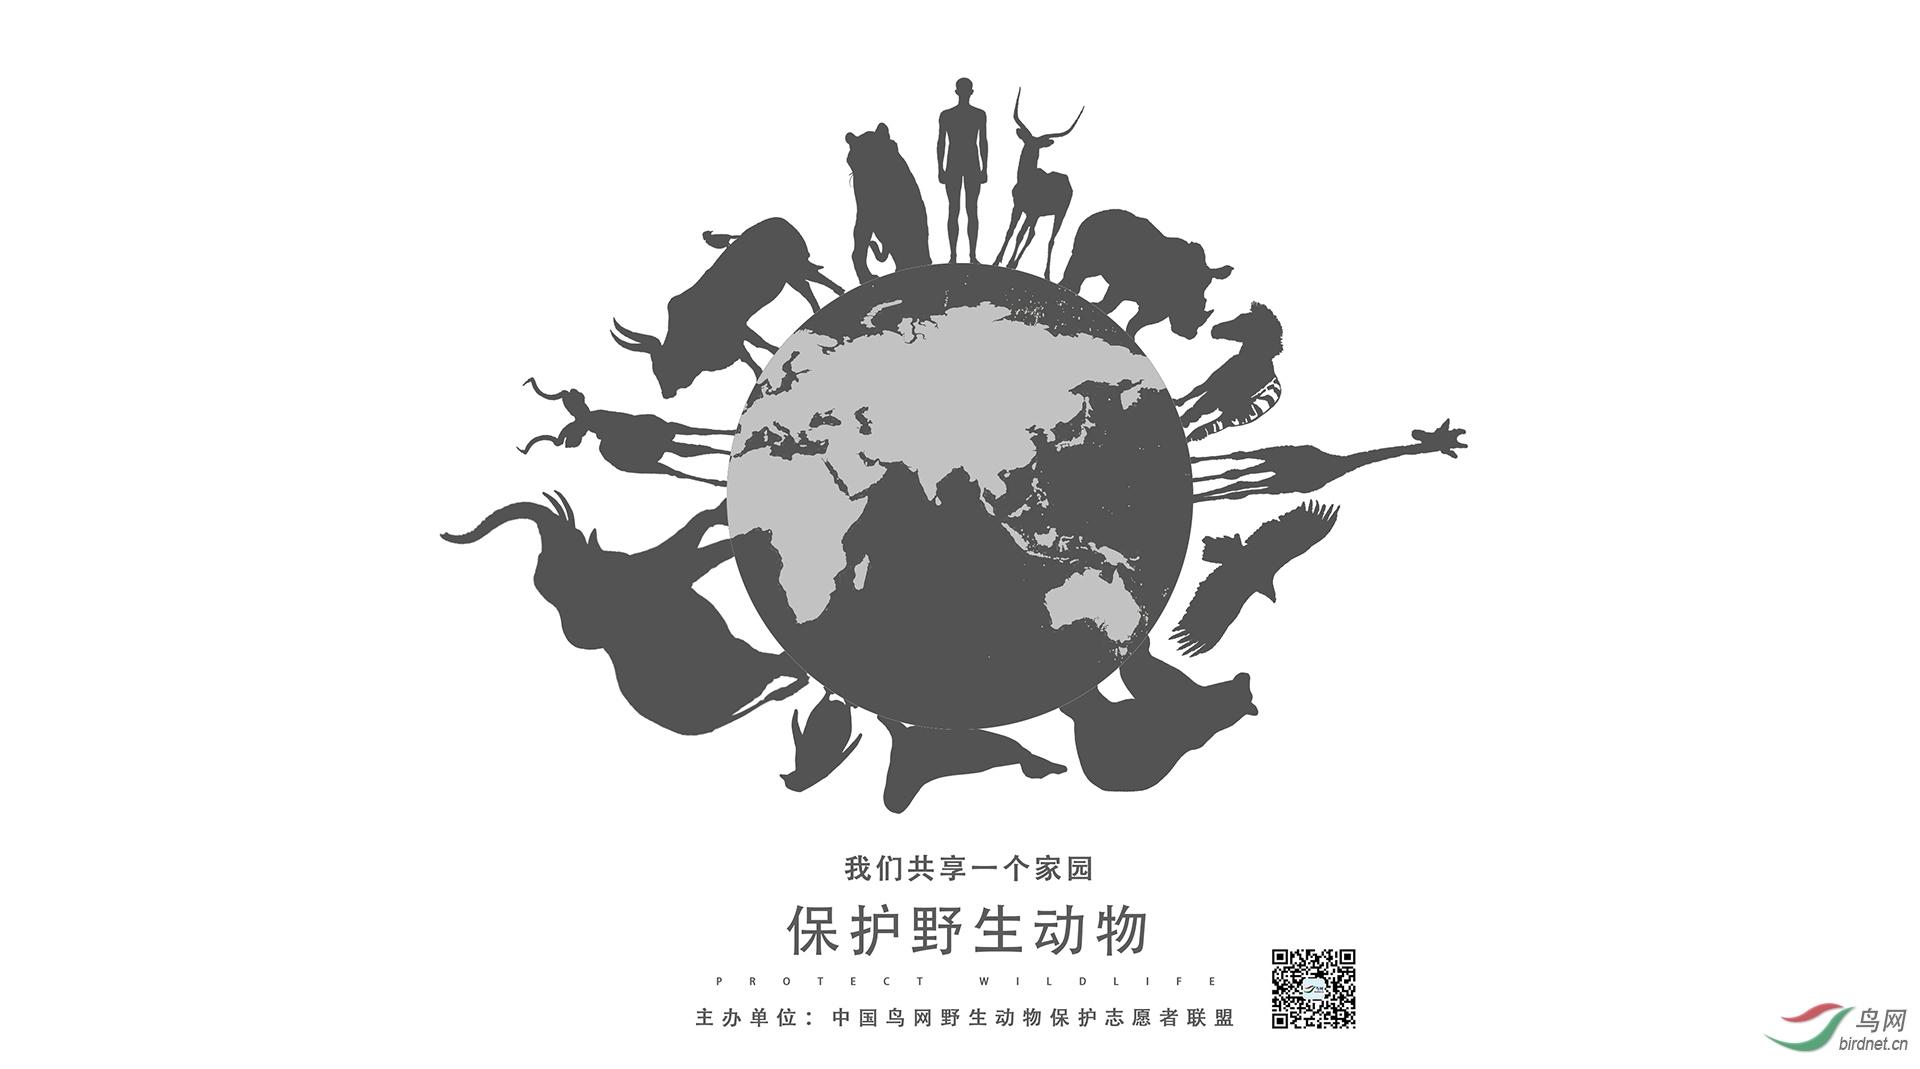 梓先 保护野生动物海报2.jpg